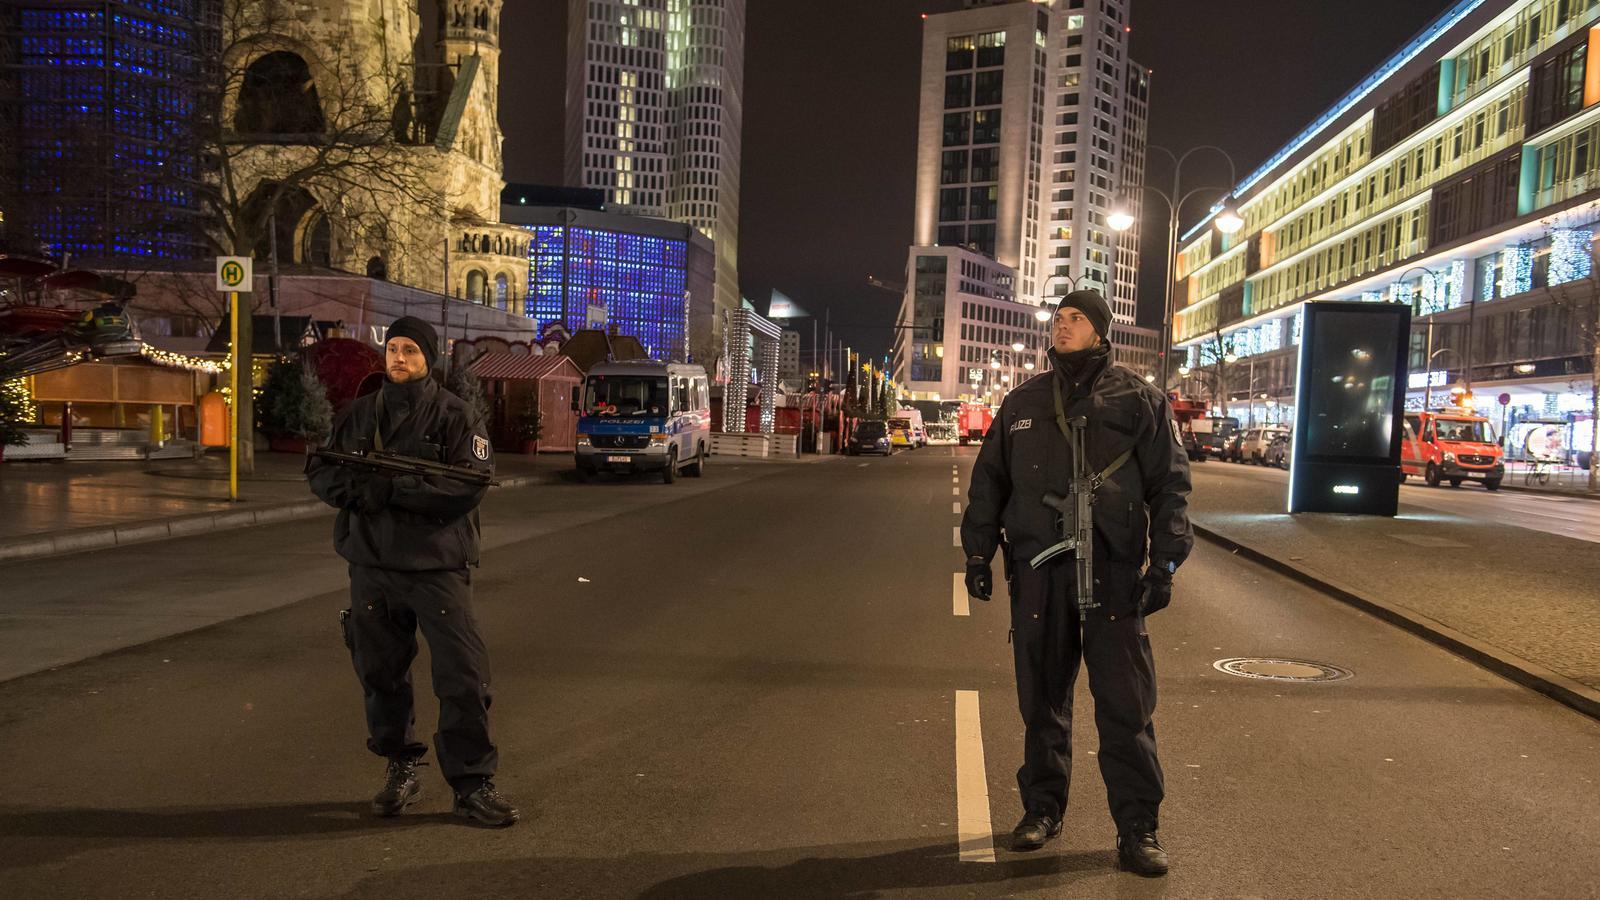 Auf dem Berliner Weihnachtsmarkt am Breitscheidplatz ist ein Lkw in die Besuchermasse gerast, zwölf Menschen werden getötet.